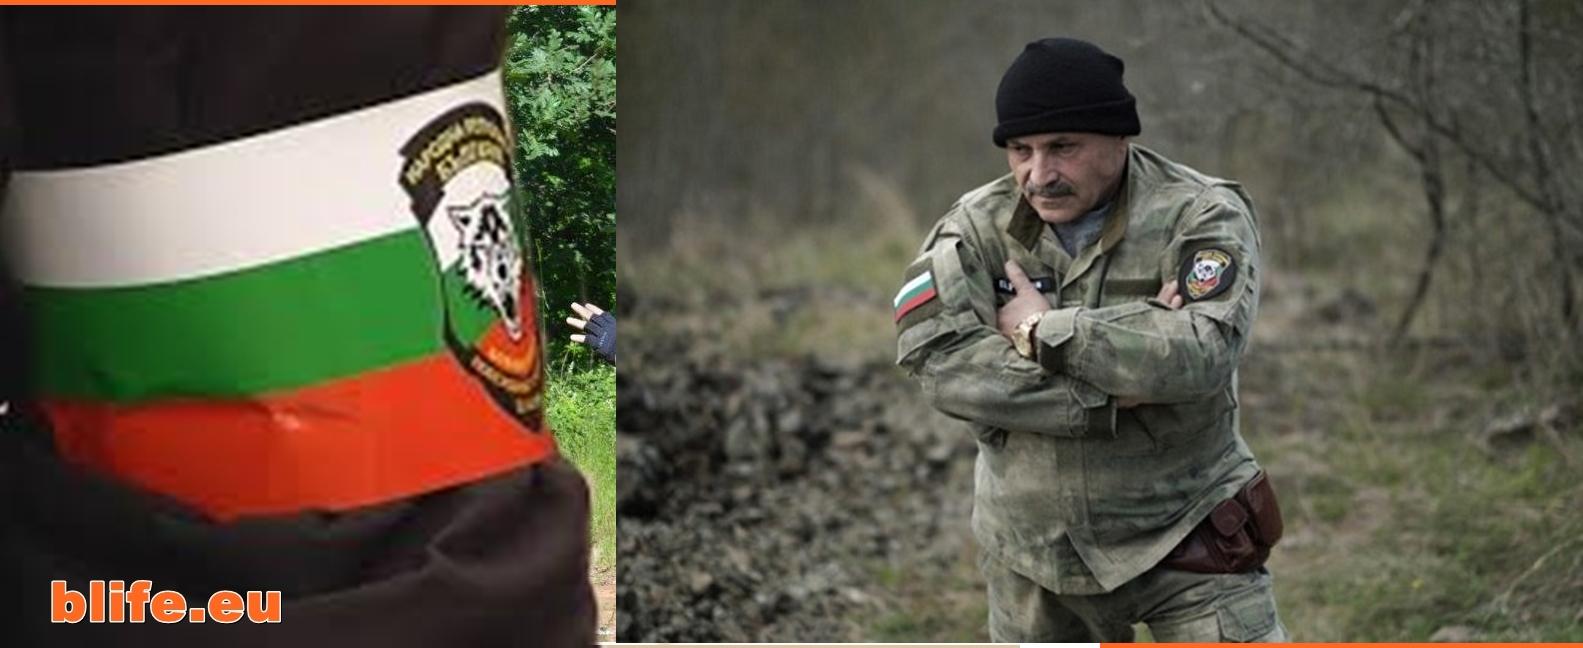 Изключителен репортаж на световна медия относно българските доброволчески патрули! Сподели за България!